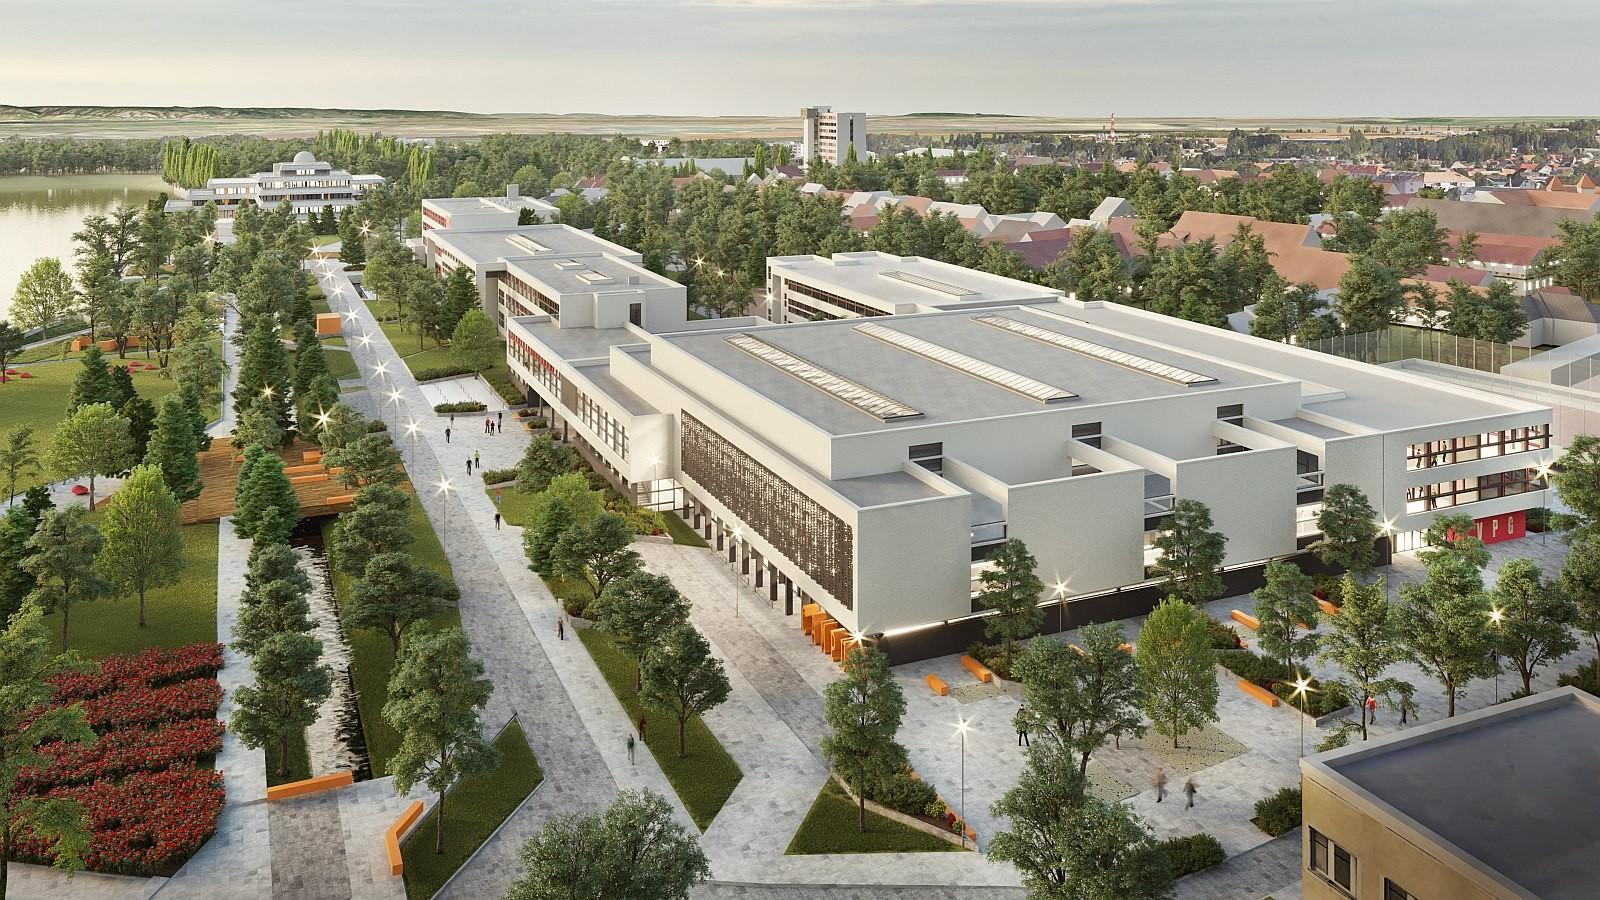 Maketten a tervek - ilyen lesz Fehérvár új középiskolai kampusza